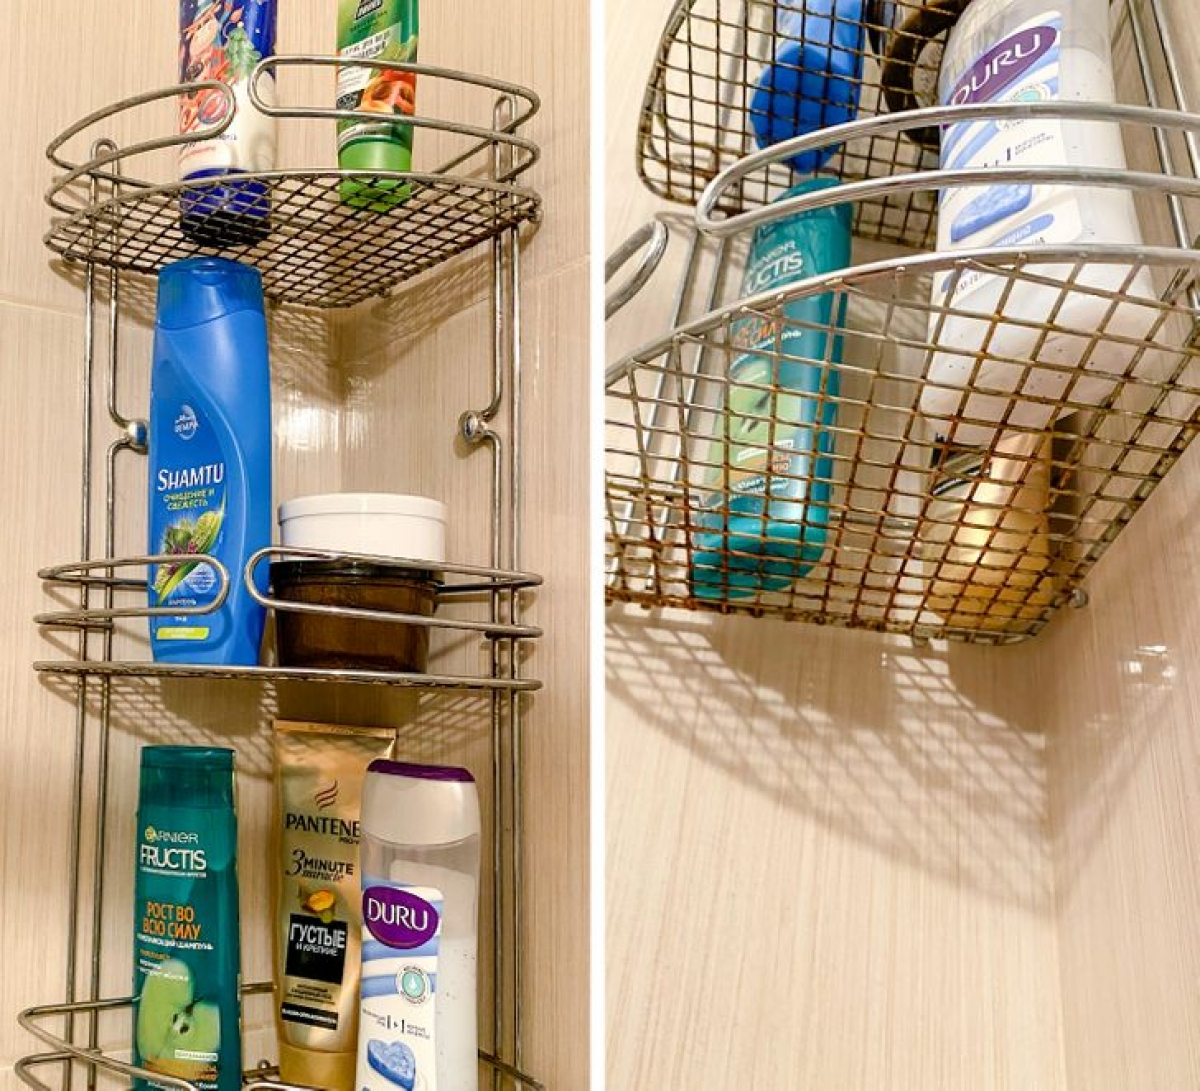 Nhiều gia đình có thói quen dùng các kệ sắt. Tuy nhiên phòng tắm có độ ẩm khá cao, sẽ gây rỉ sắt mất thẩm mỹ. Bạn có thể dùng các kệ nhựa hoặc kệ thủy tinh thay thế.